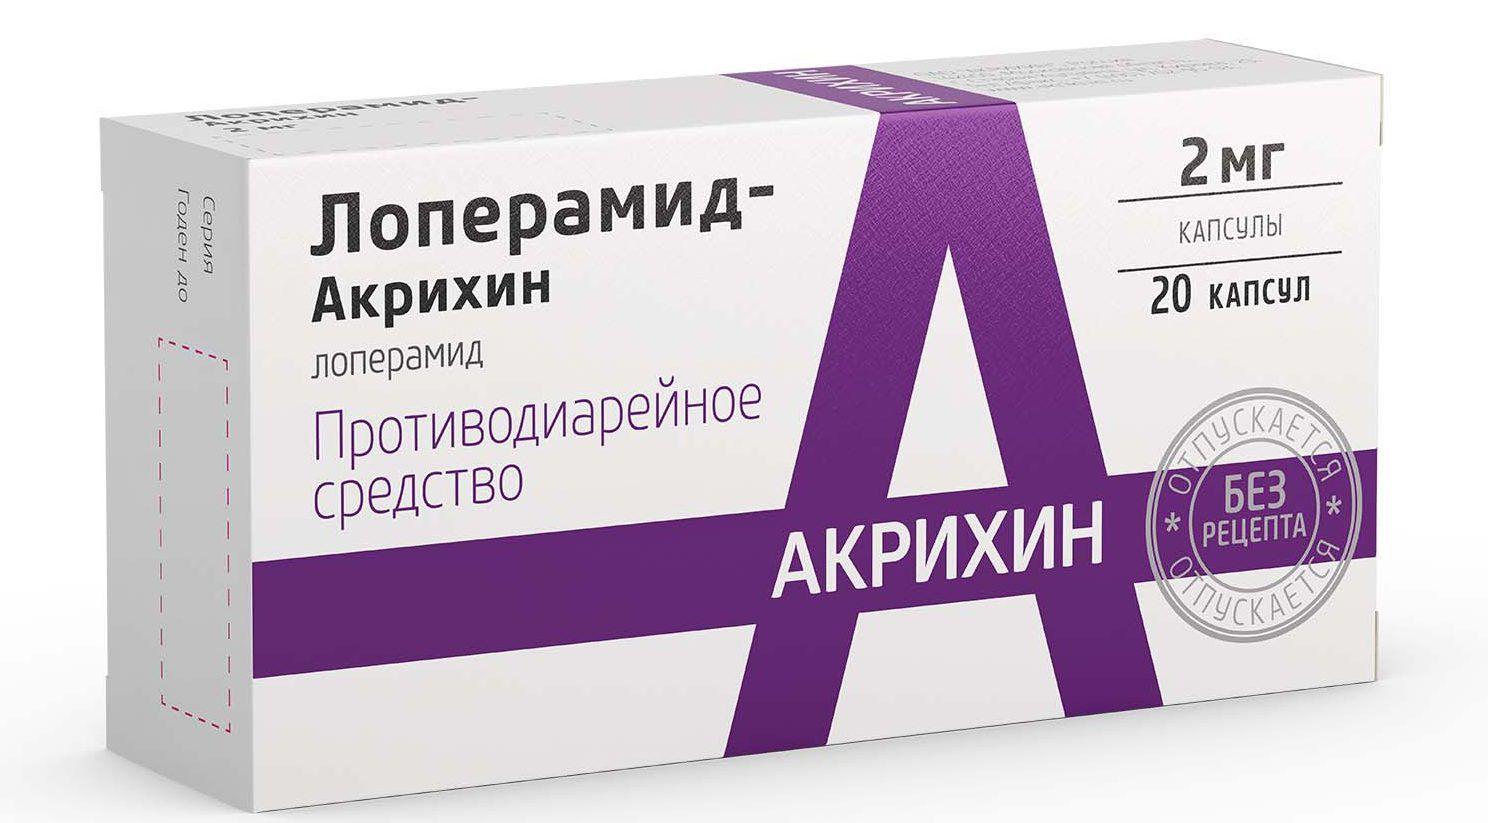 Лоперамид-Акрихин, 2 мг, капсулы, 20шт.